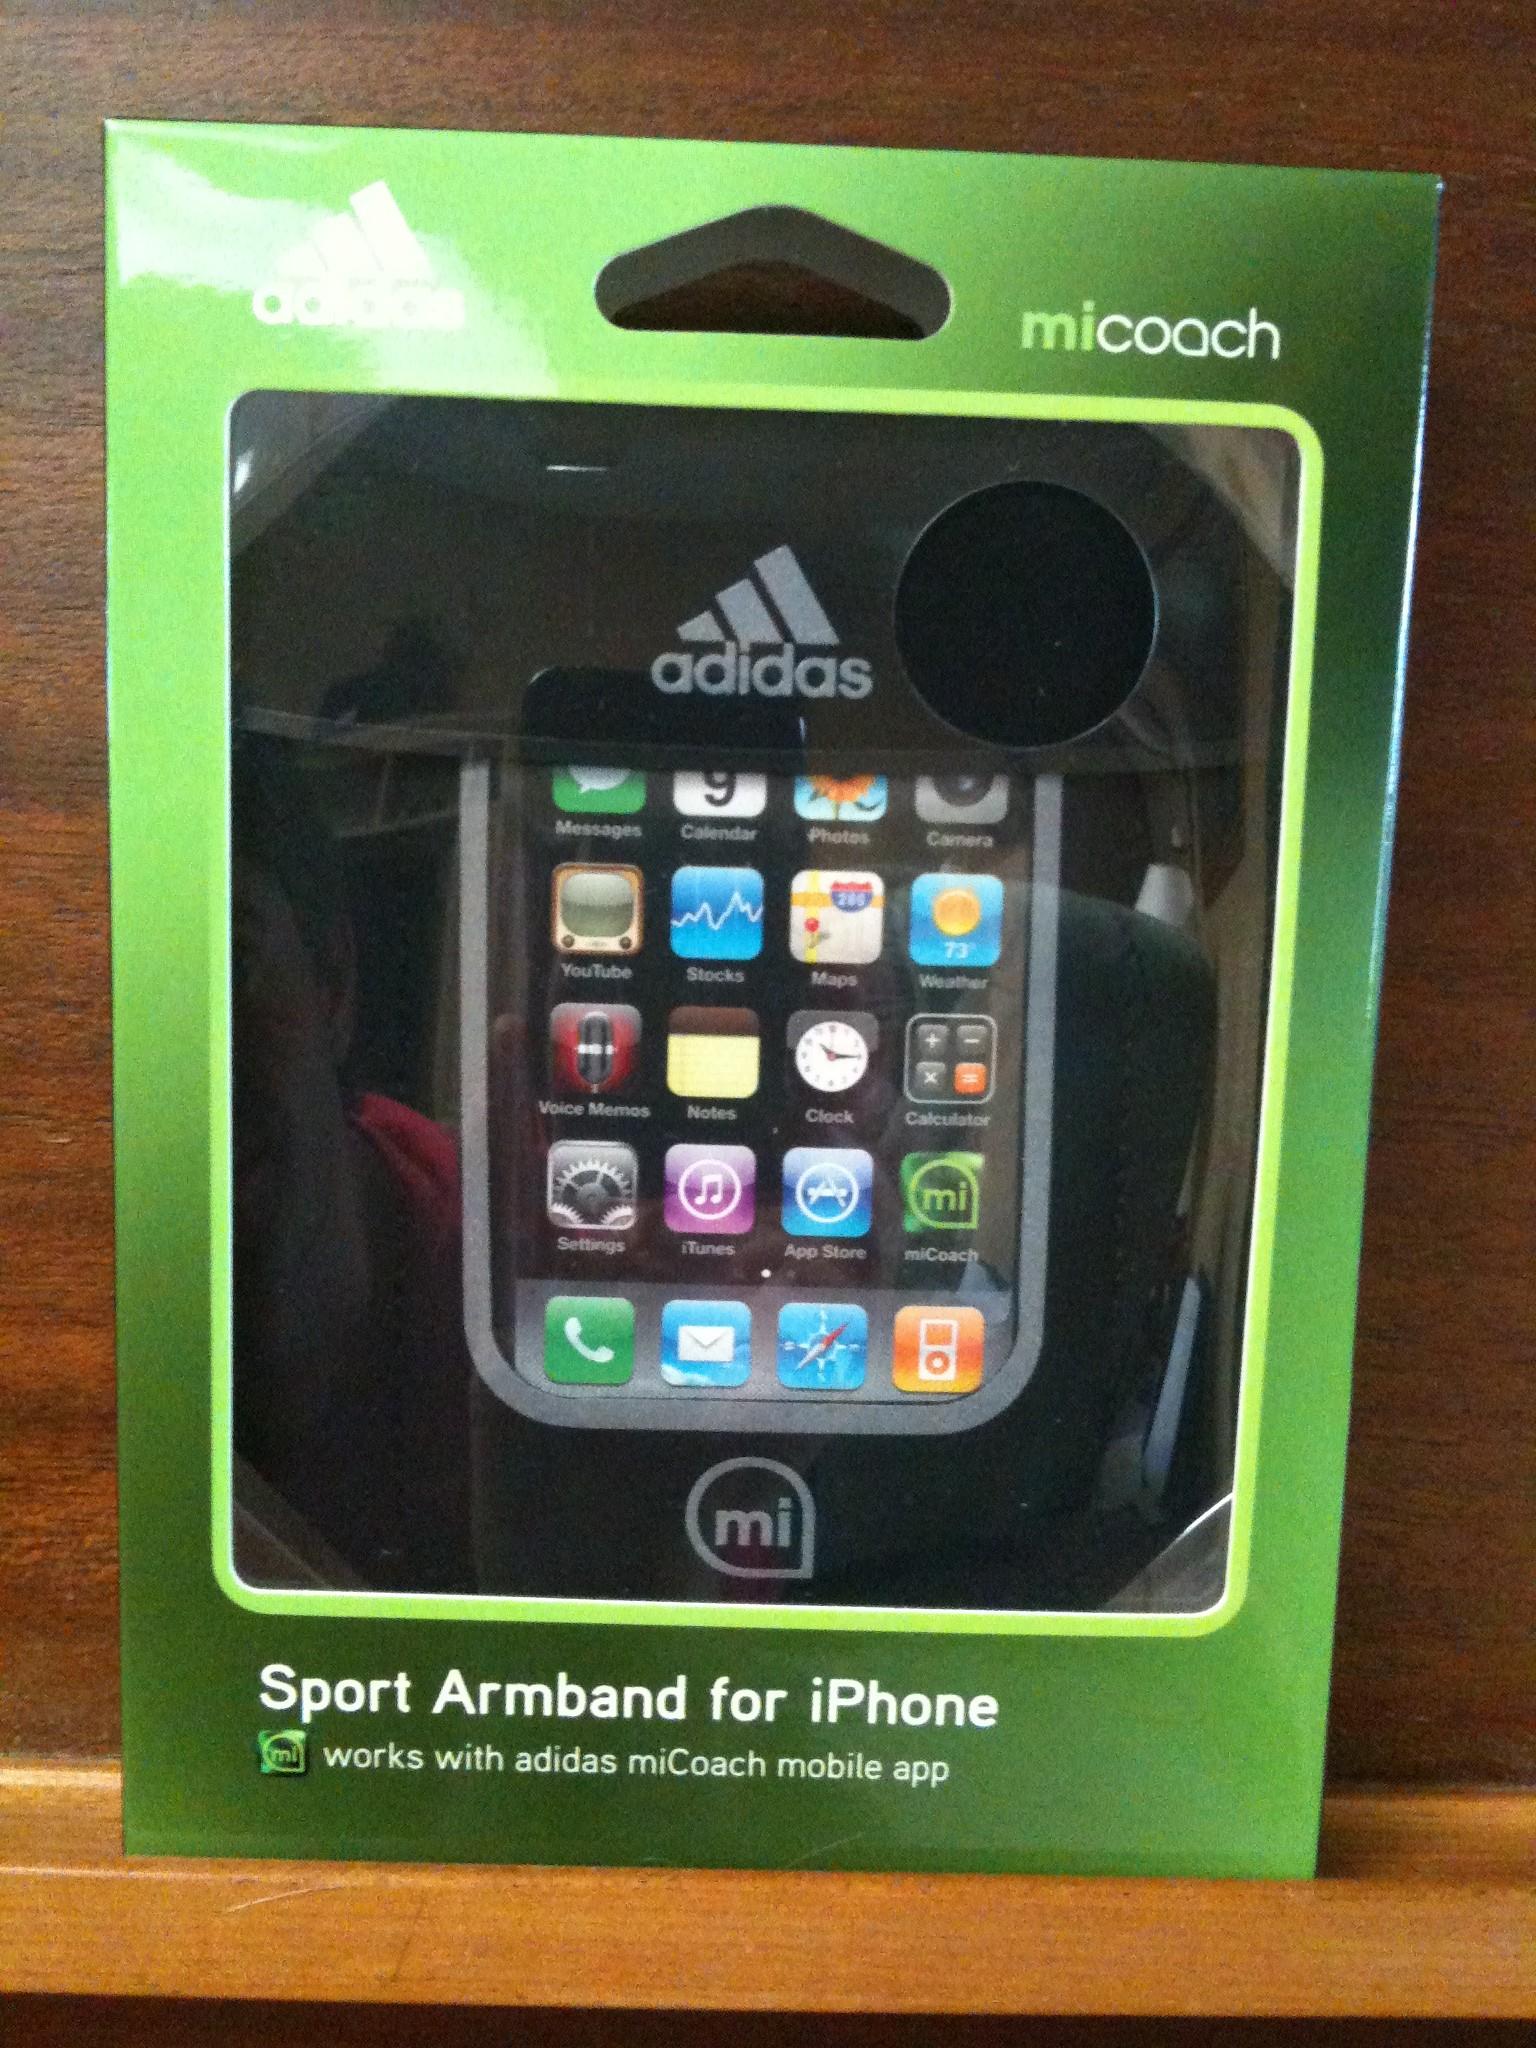 cangrejo Reparación posible Talla  griffin adidas micoach armband iphone 6 | Adidou